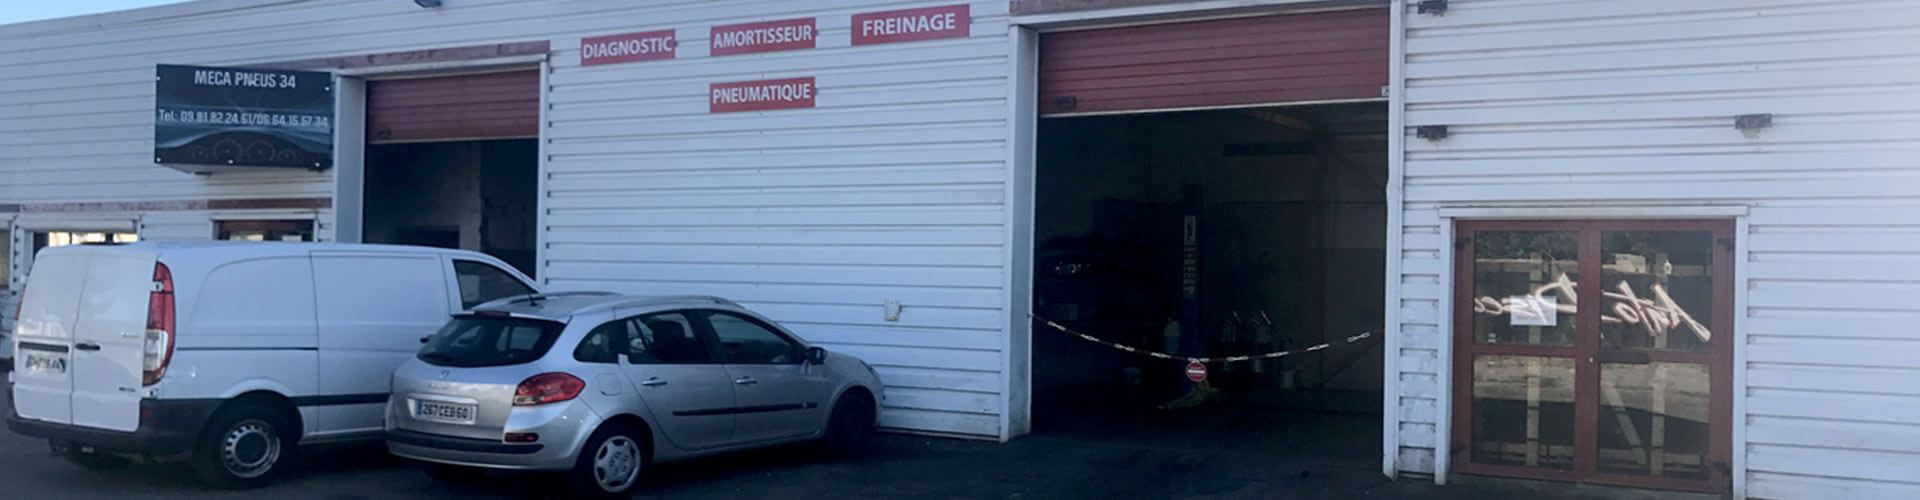 Meca pneus 34, spécialiste du pneu à Saint André de Sangonis en Coeur d'Hérault